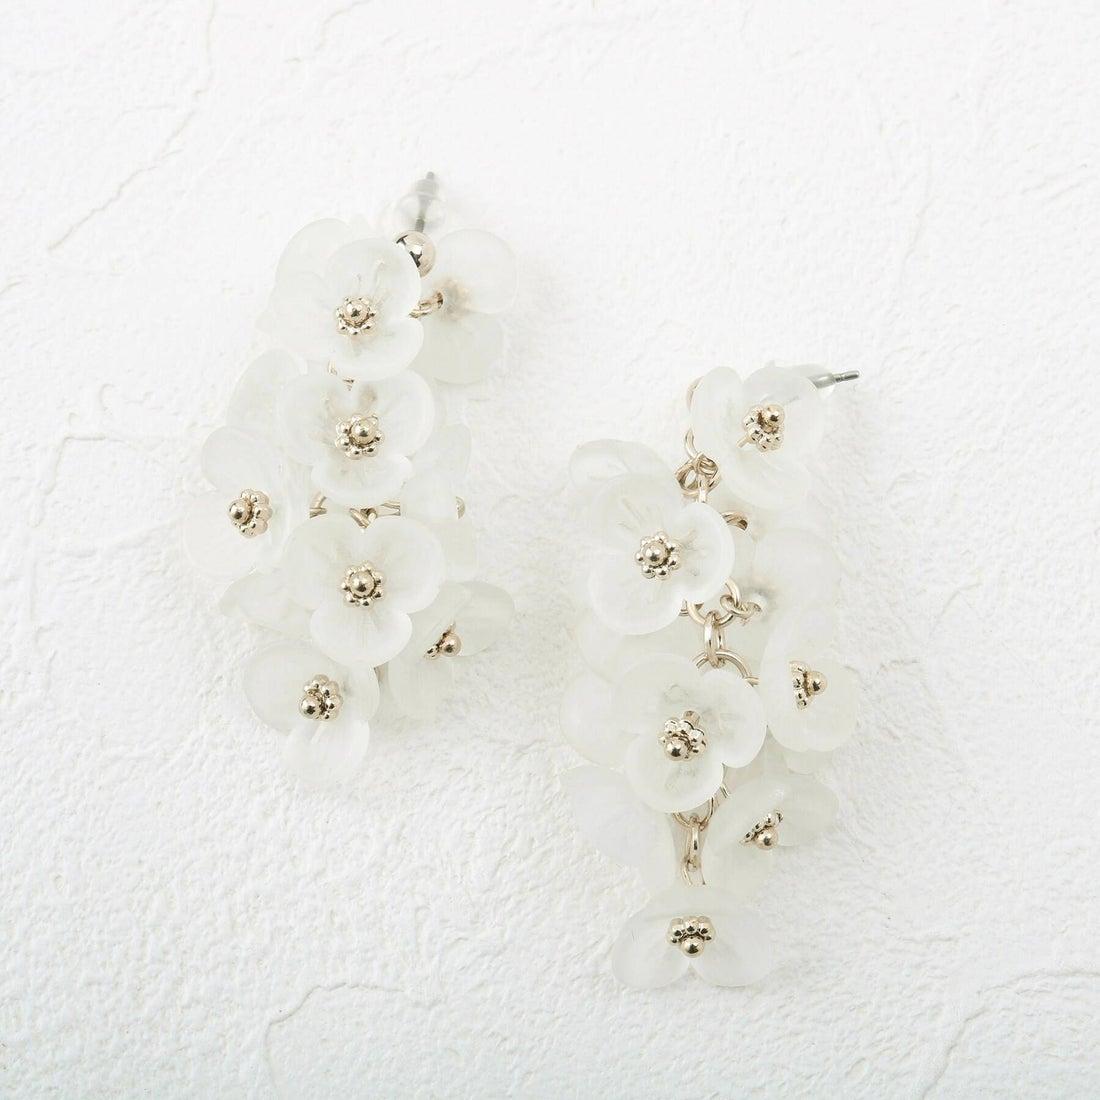 クチュール ブローチ Couture brooch メニーフラワーピアス (オフホワイト)